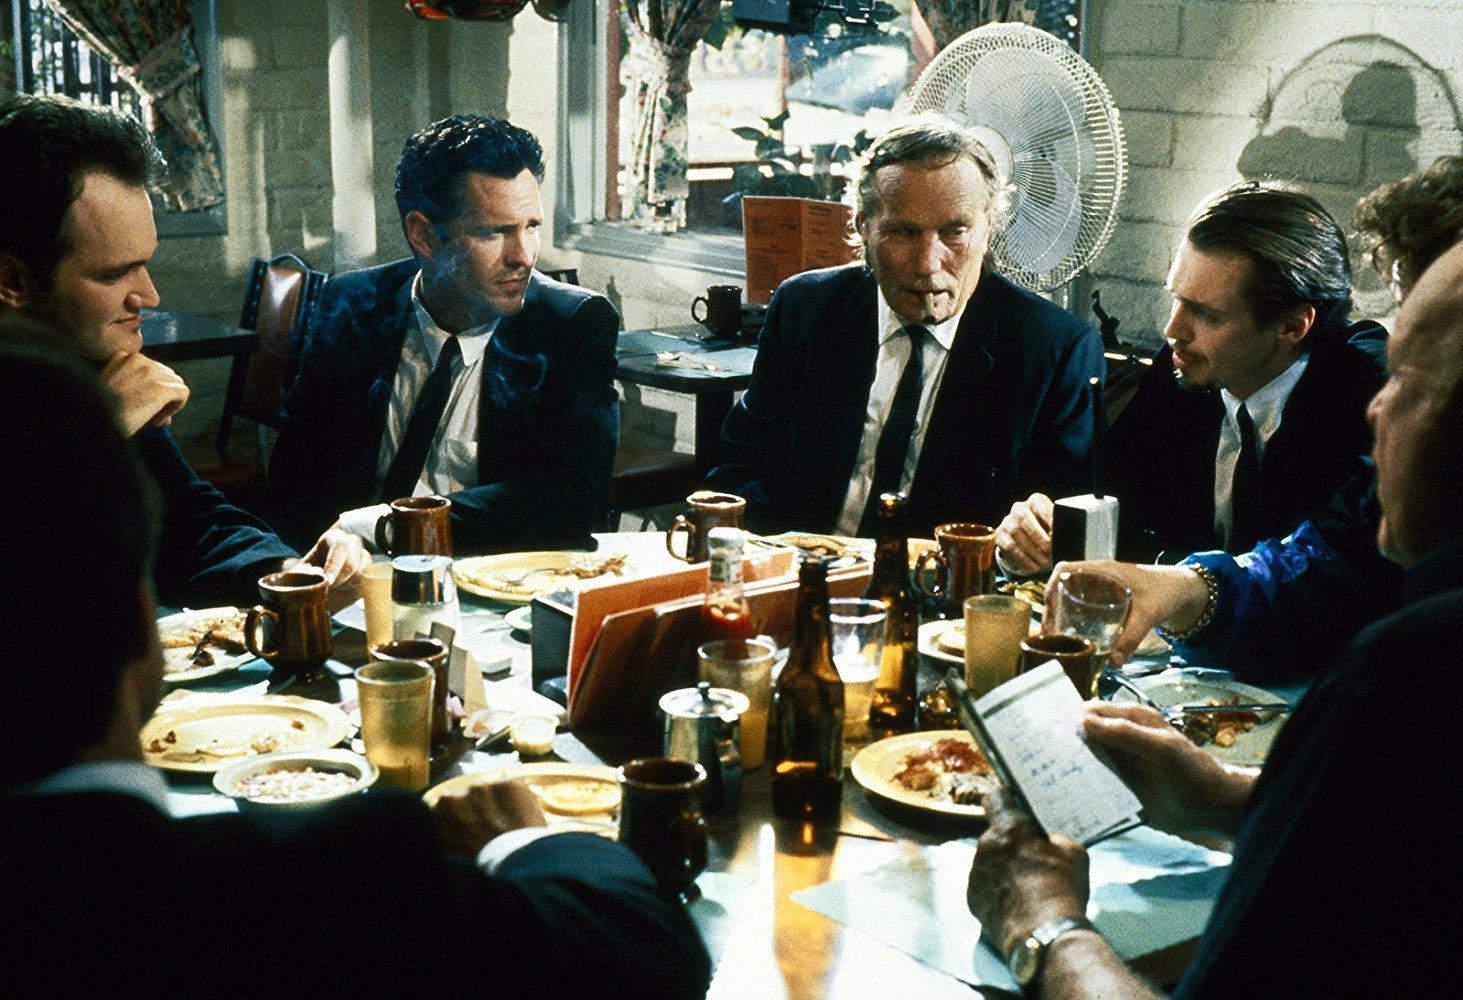 MV5BODU3MDYwMTMyMF5BMl5BanBnXkFtZTgwMzg3OTEwMjE@. V1 SY1000 CR0014631000 AL 20 Things You Didn't Know About The 1995 Film Heat